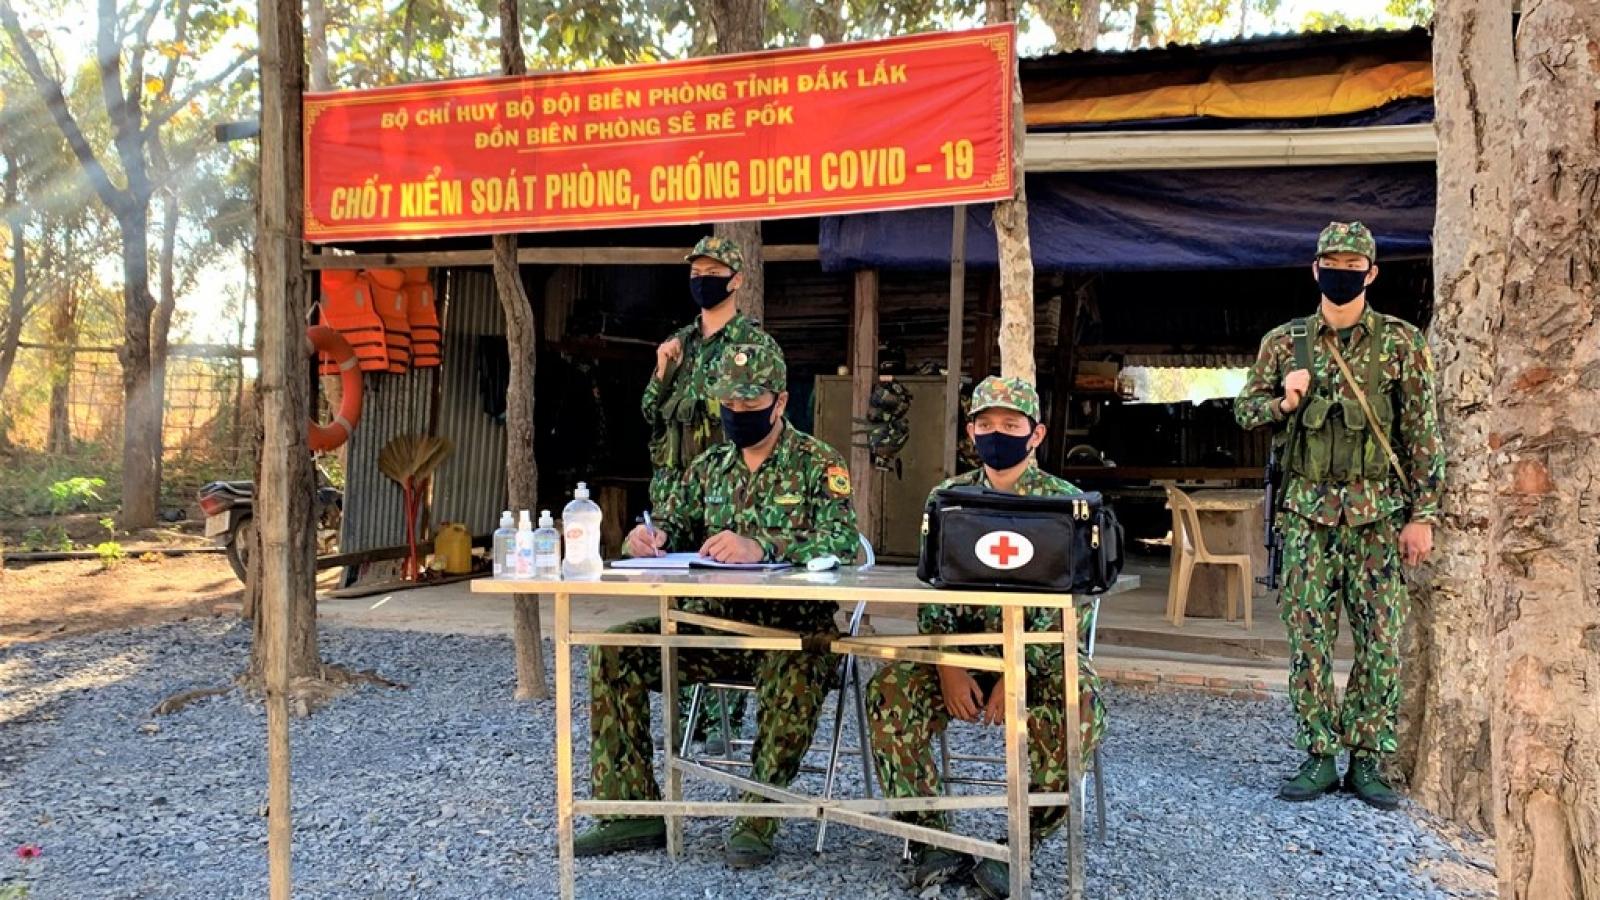 Đắk Lắk có14 khu vực bỏ phiếu sớm